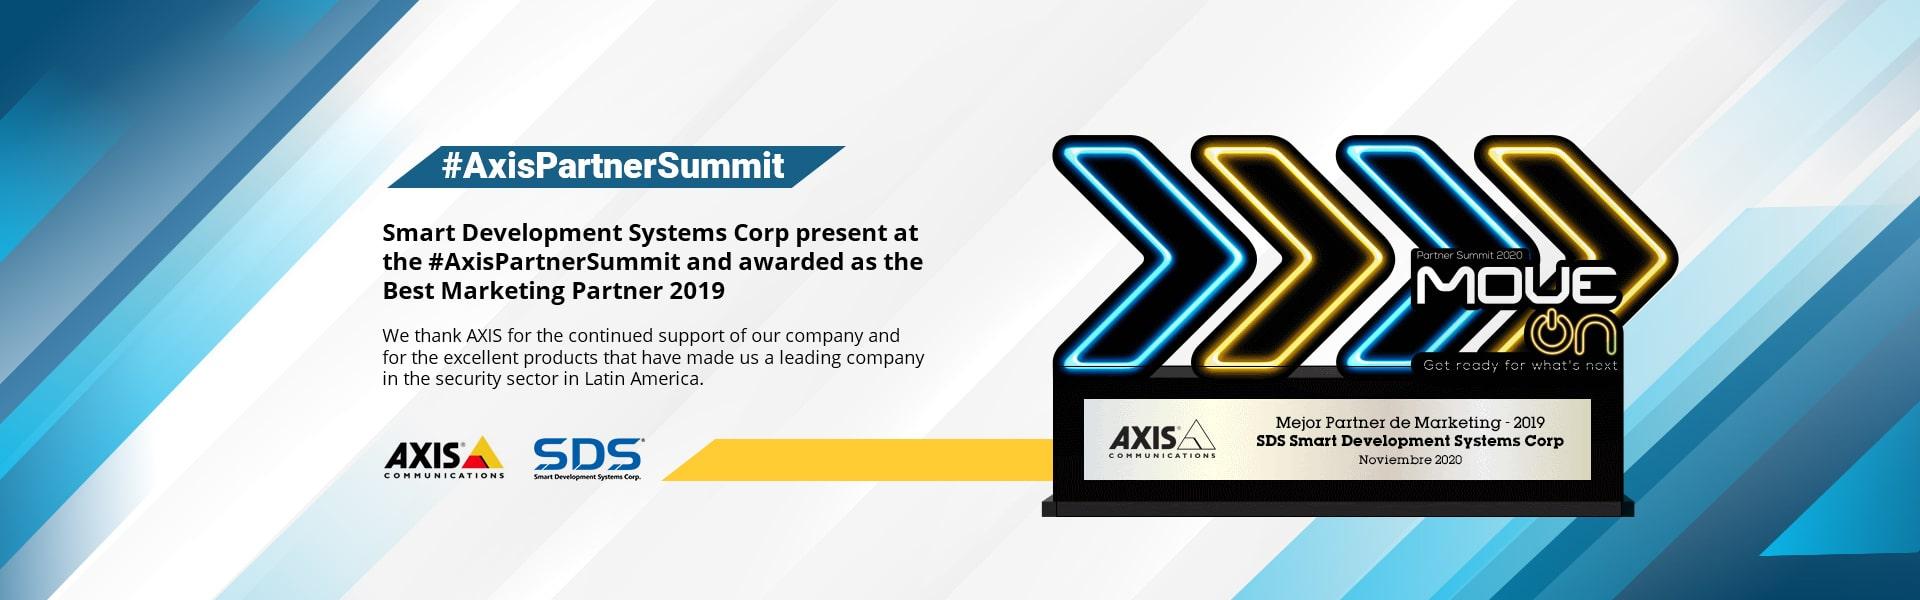 sds-axis-partner-summit-en-min